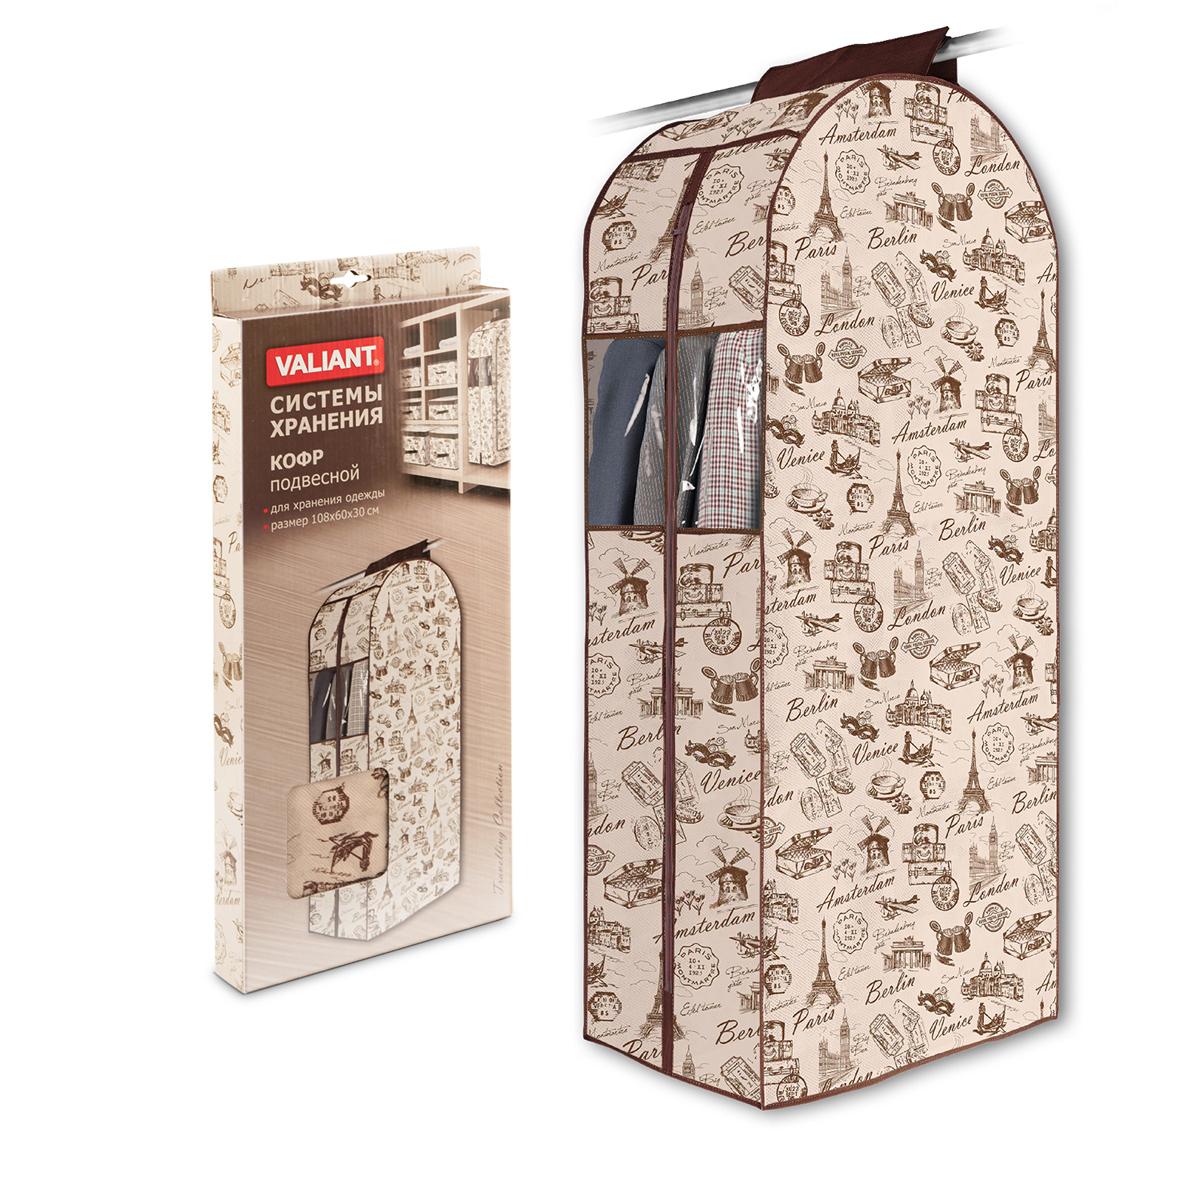 Кофр подвесной для одежды Valiant Travelling, 108 х 60 х 30 см valiant кофр для хранения жёсткий малый travelling